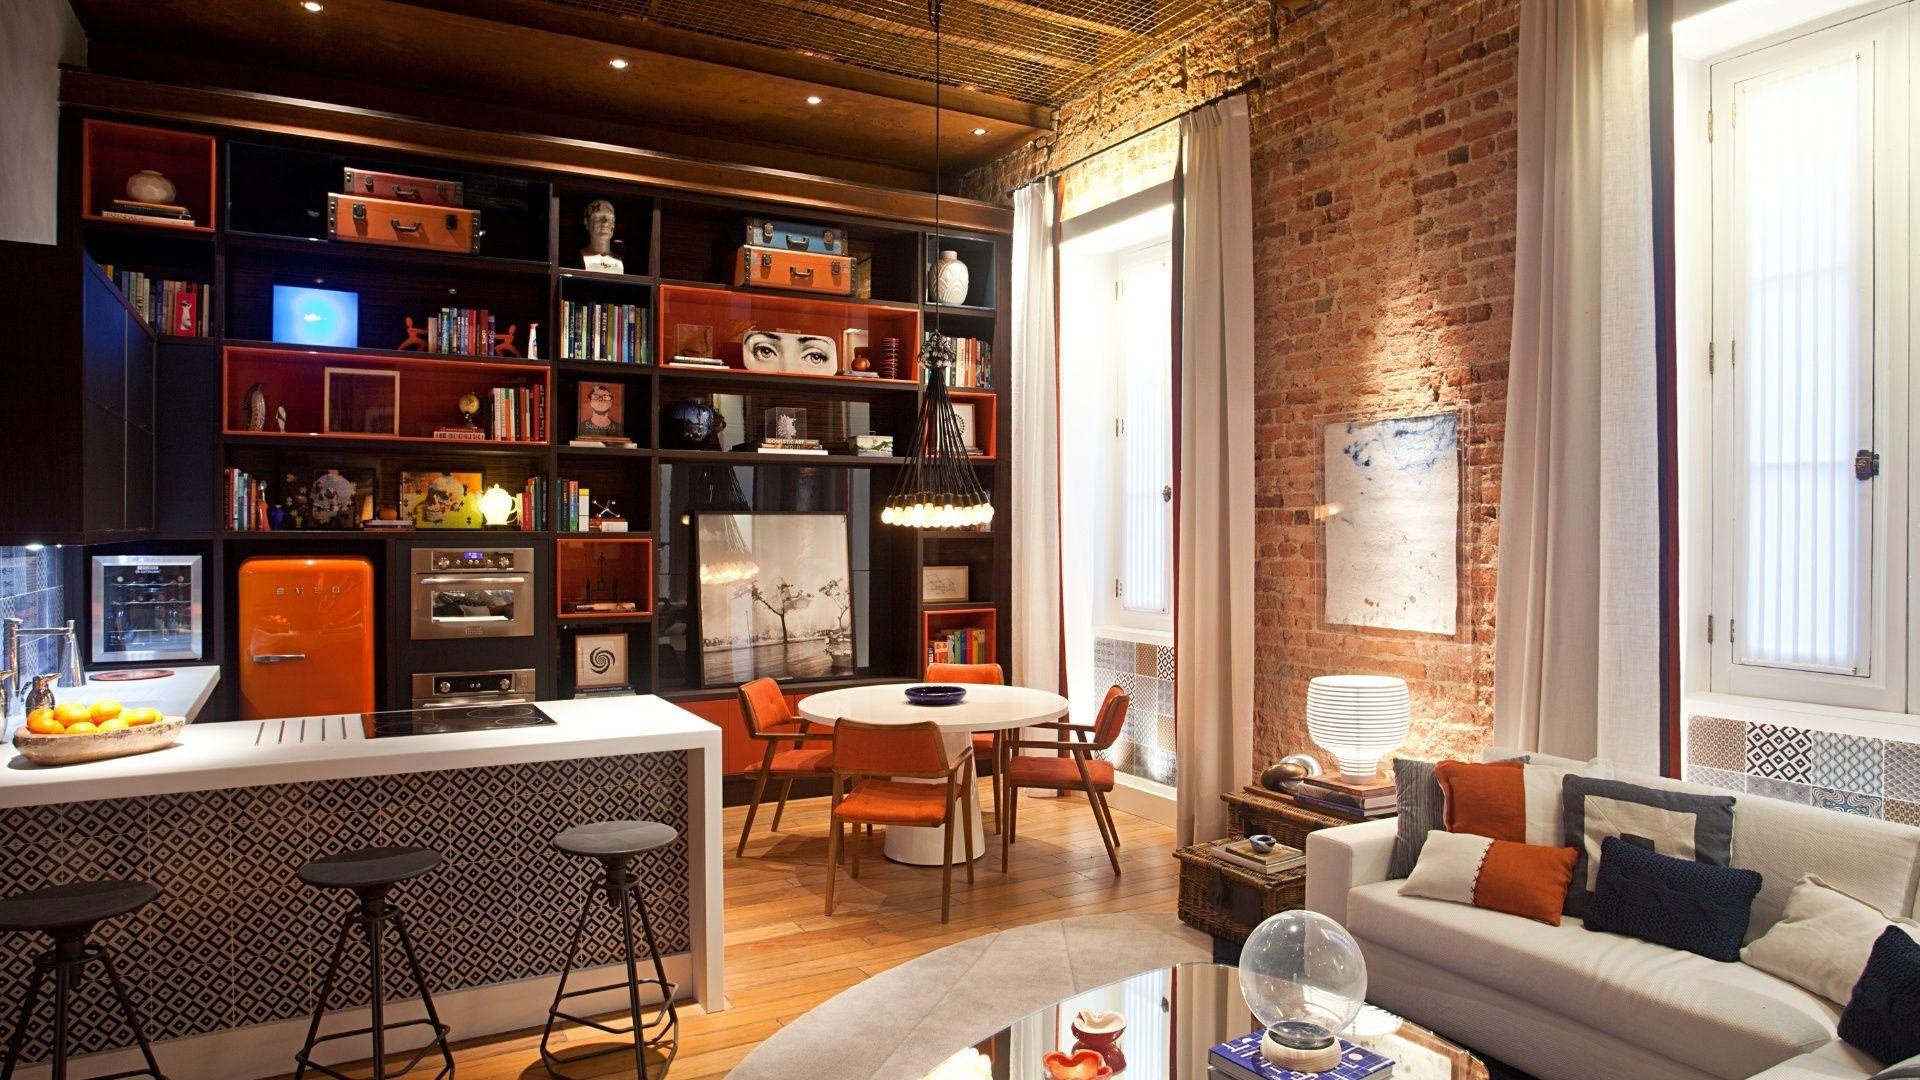 salaecozinha Architektur innenarchitektur, Loft wohnung